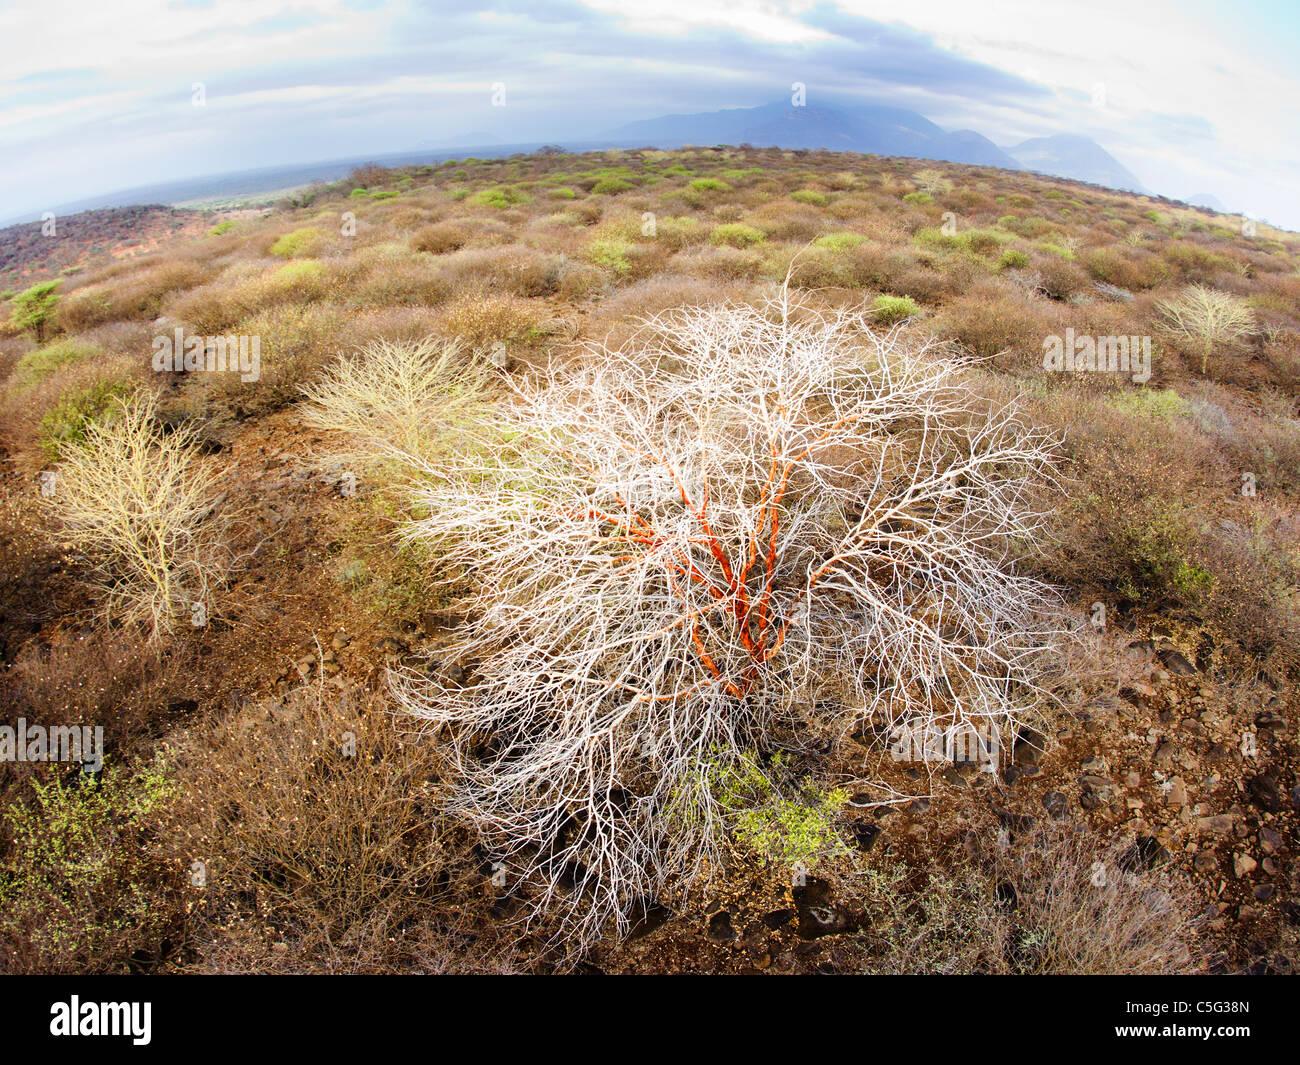 Acacia Kenya Settentrionale, Kenya Immagini Stock